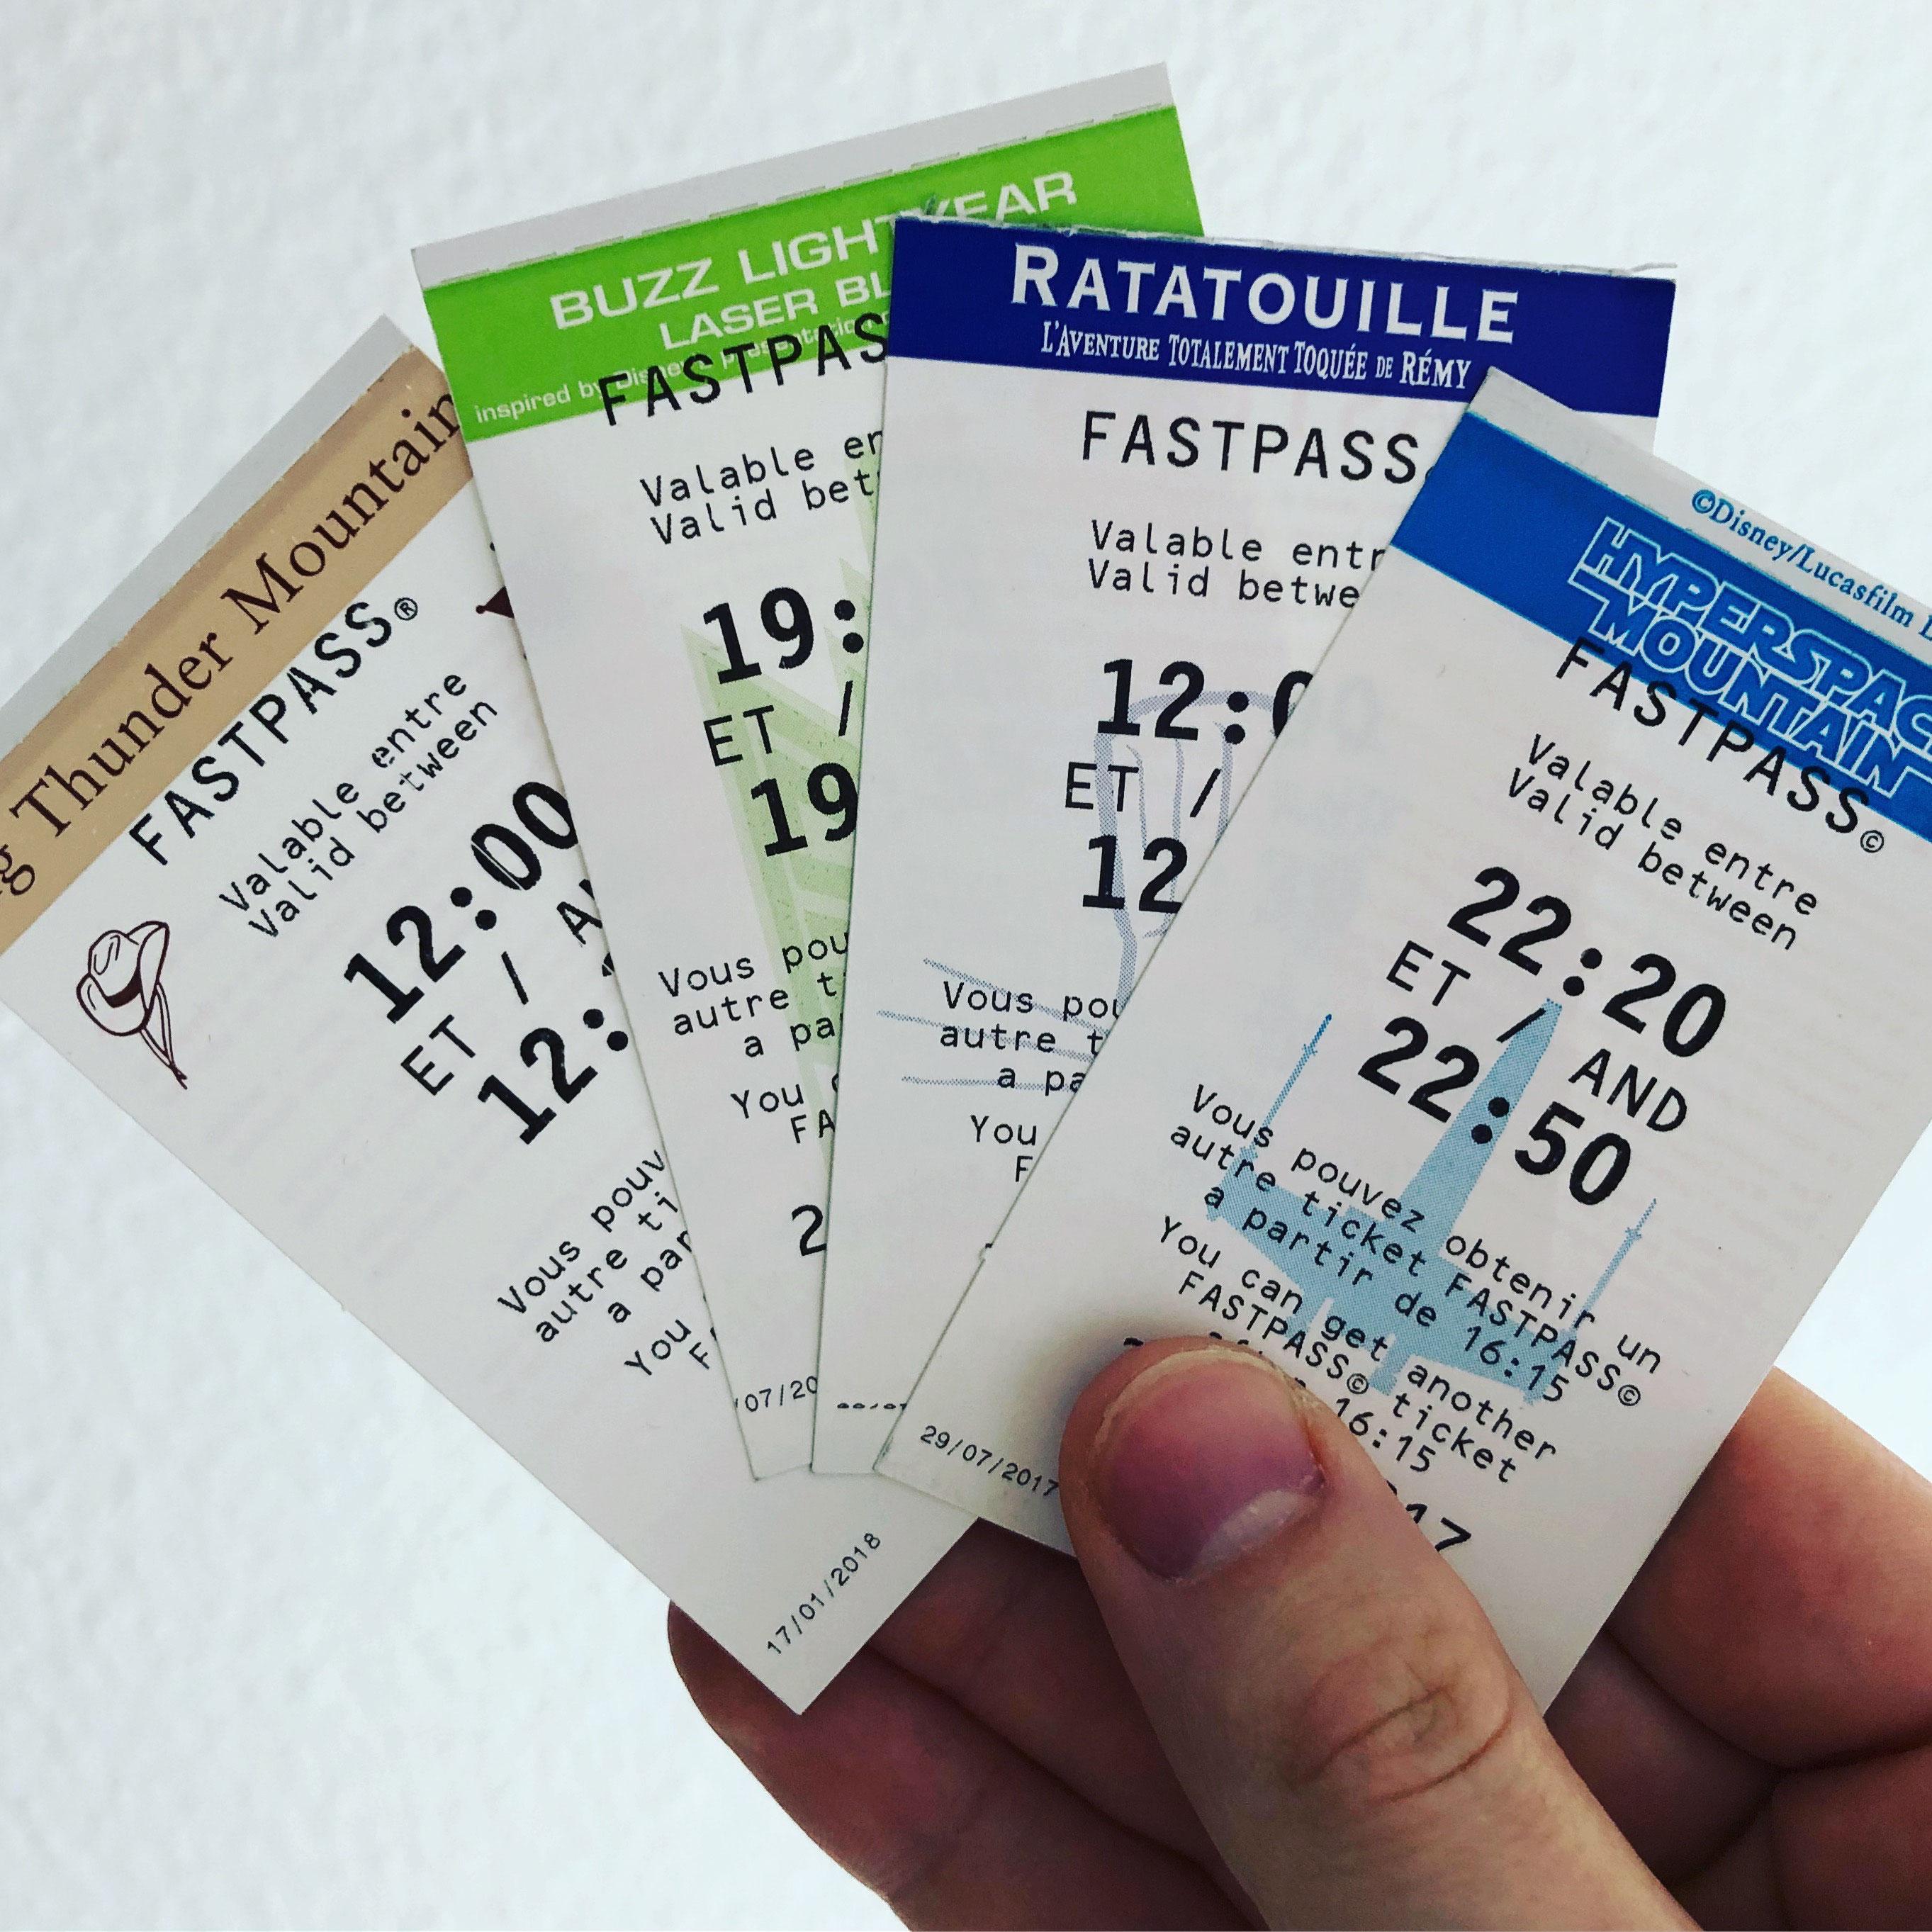 Vip Karte Europapark.Fastpass Tickets Direkt In Deine Lieblingsattraktion Ohne